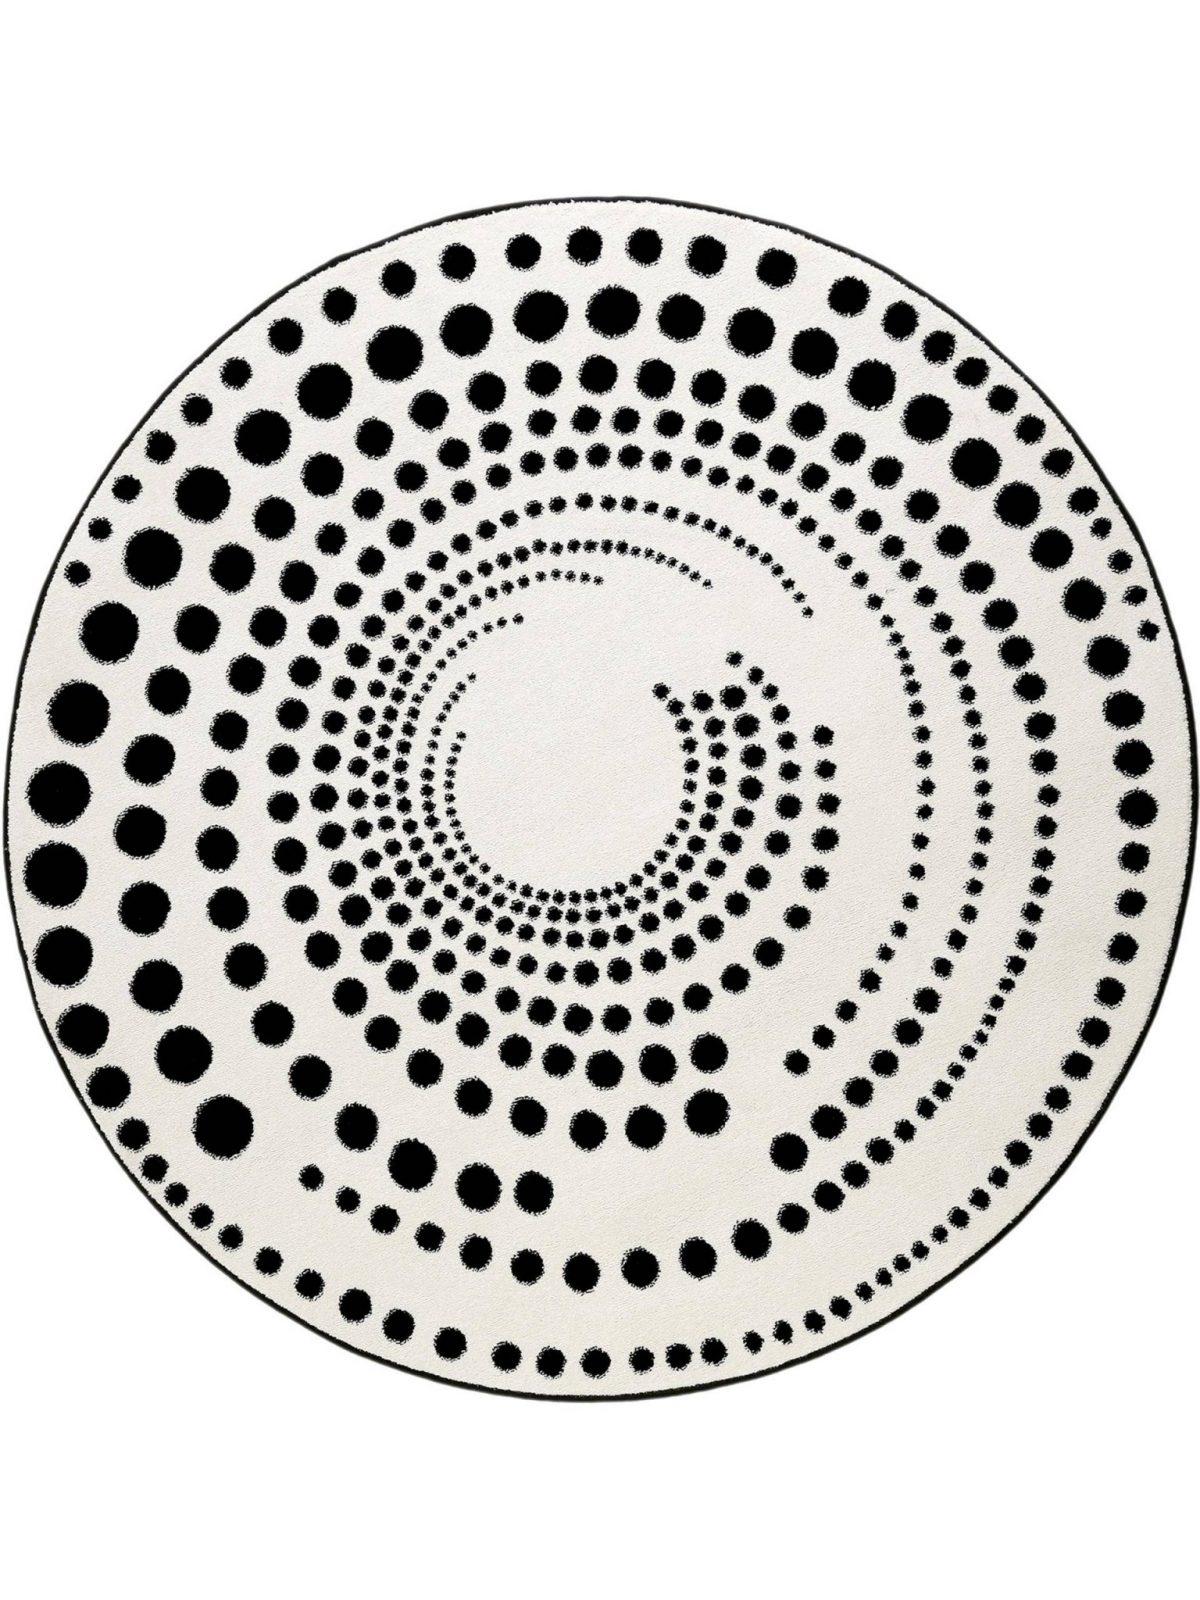 Teppich Rund 100 Cm Preisvergleich • Die Besten Angebote Ideen Von von Teppich Rund Schwarz Weiß Photo